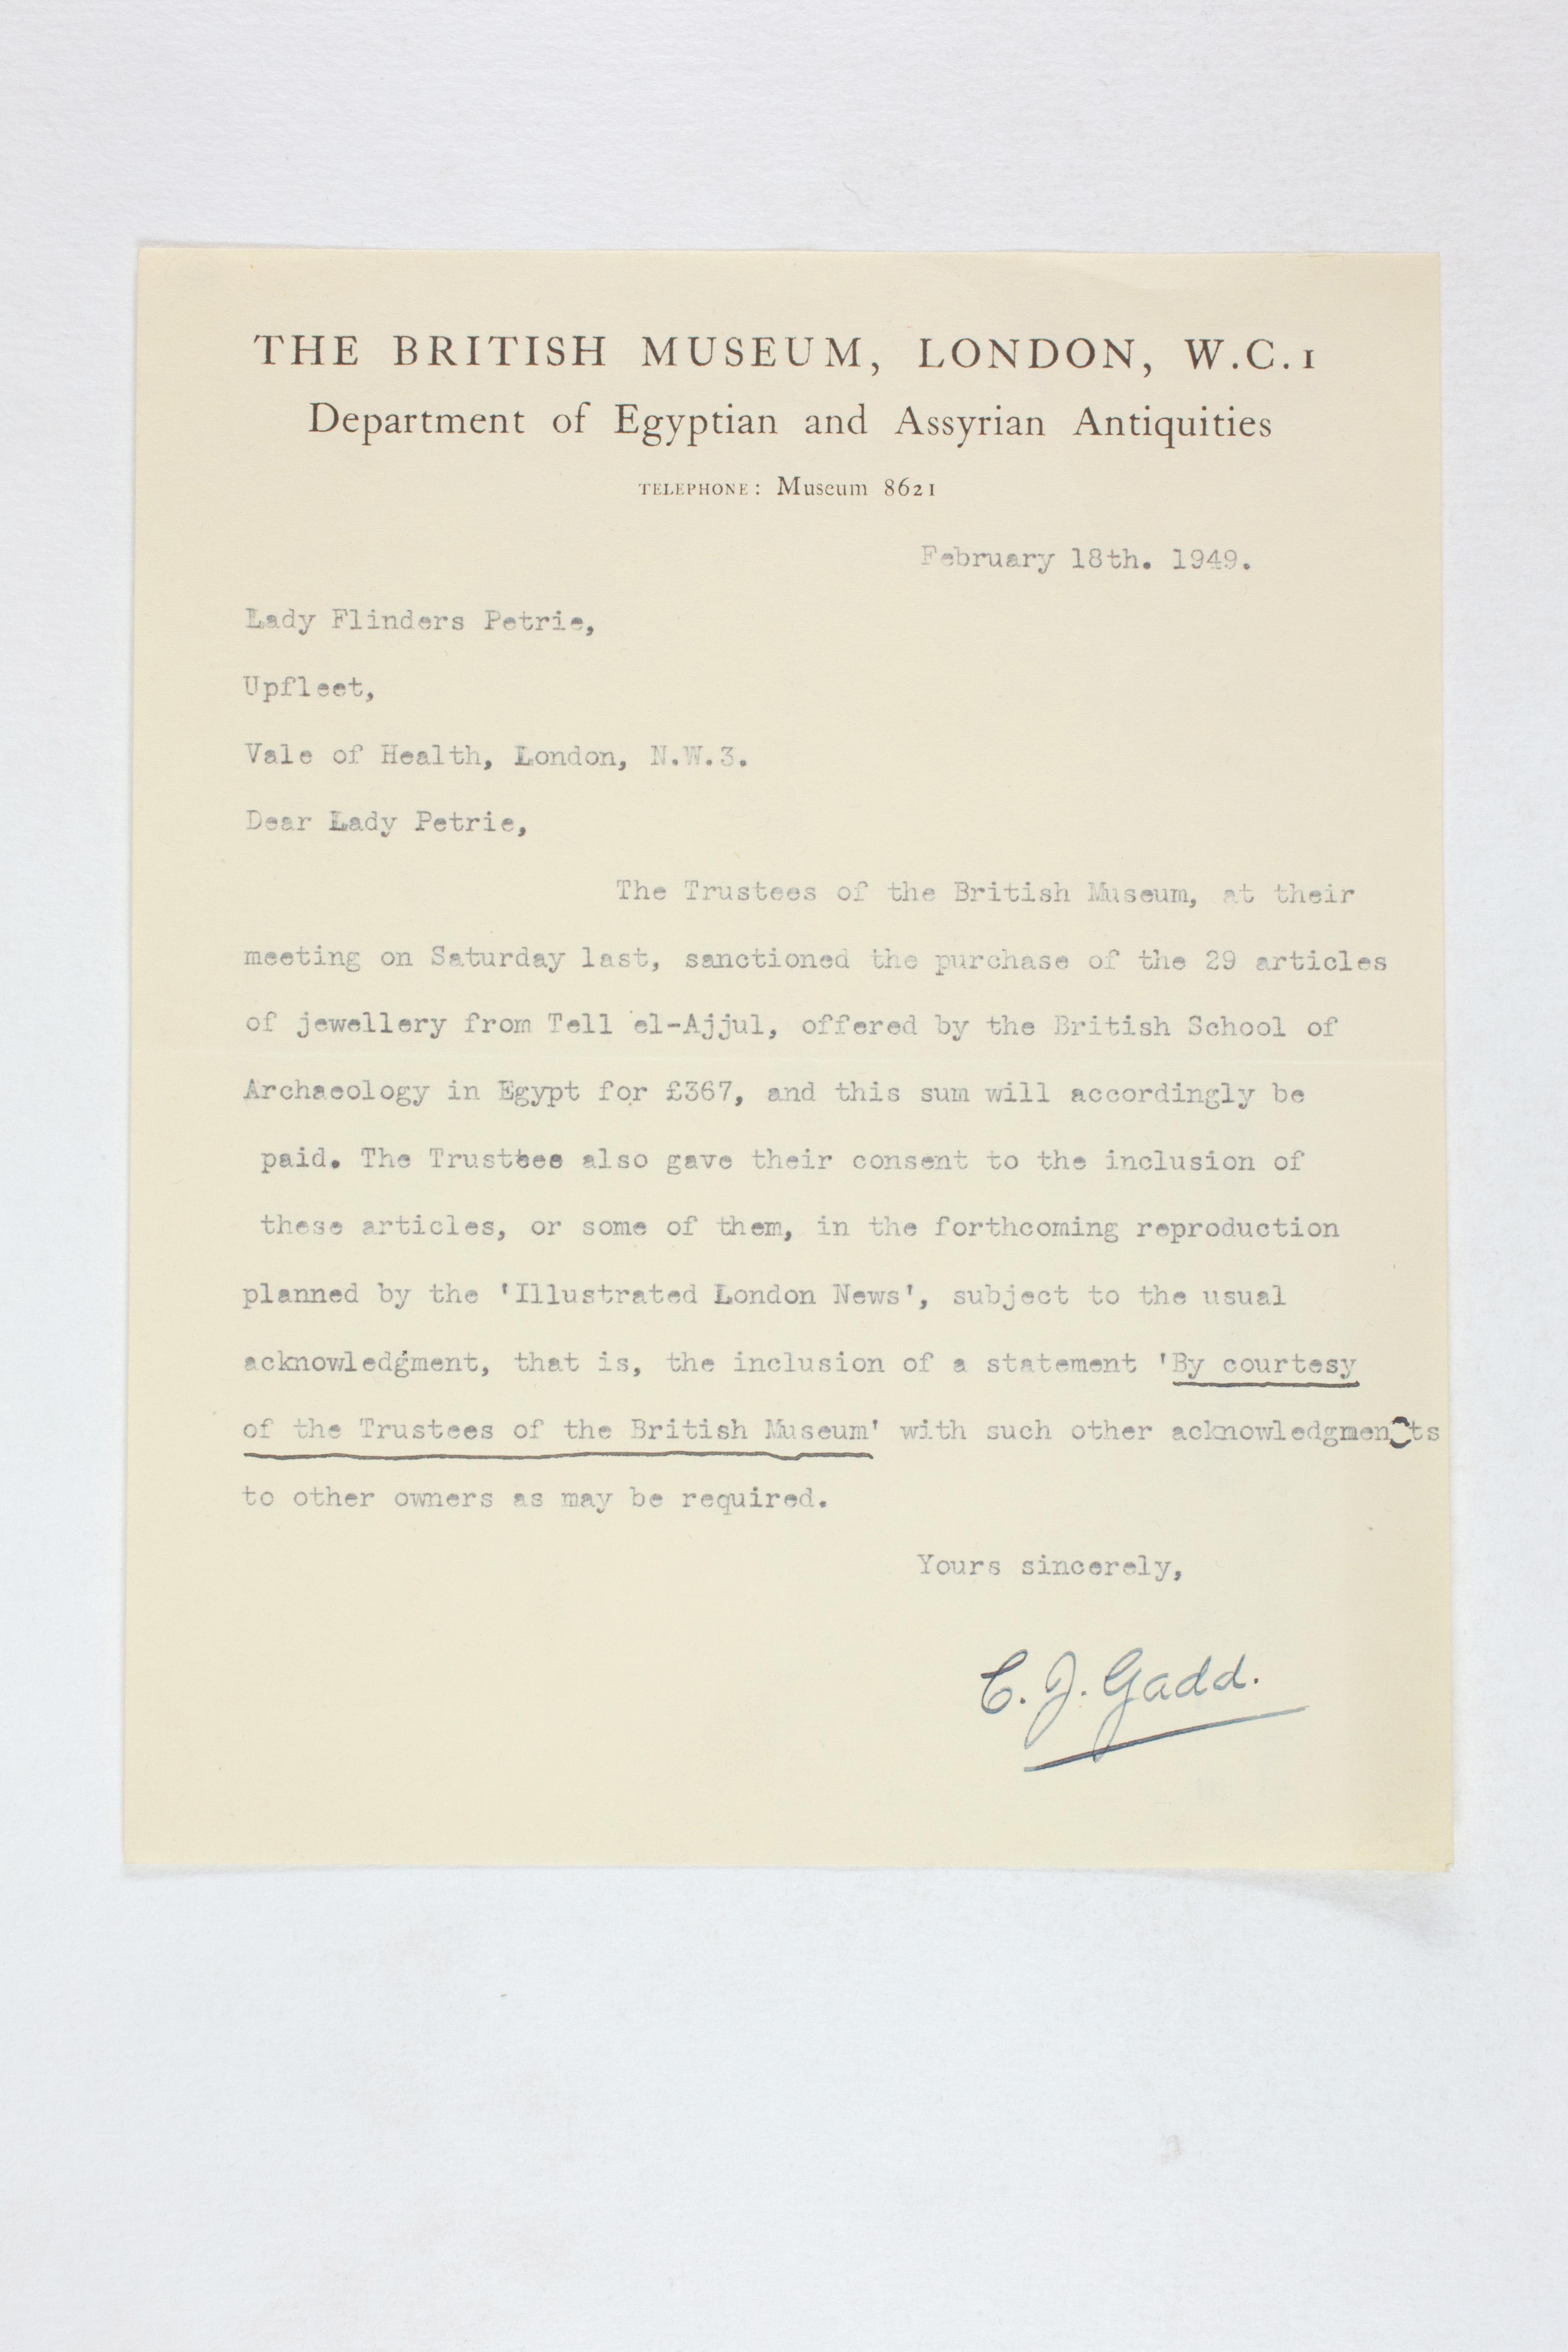 1931-50 Reserve correspondence Correspondence PMA/WFP1/D/32/20.1